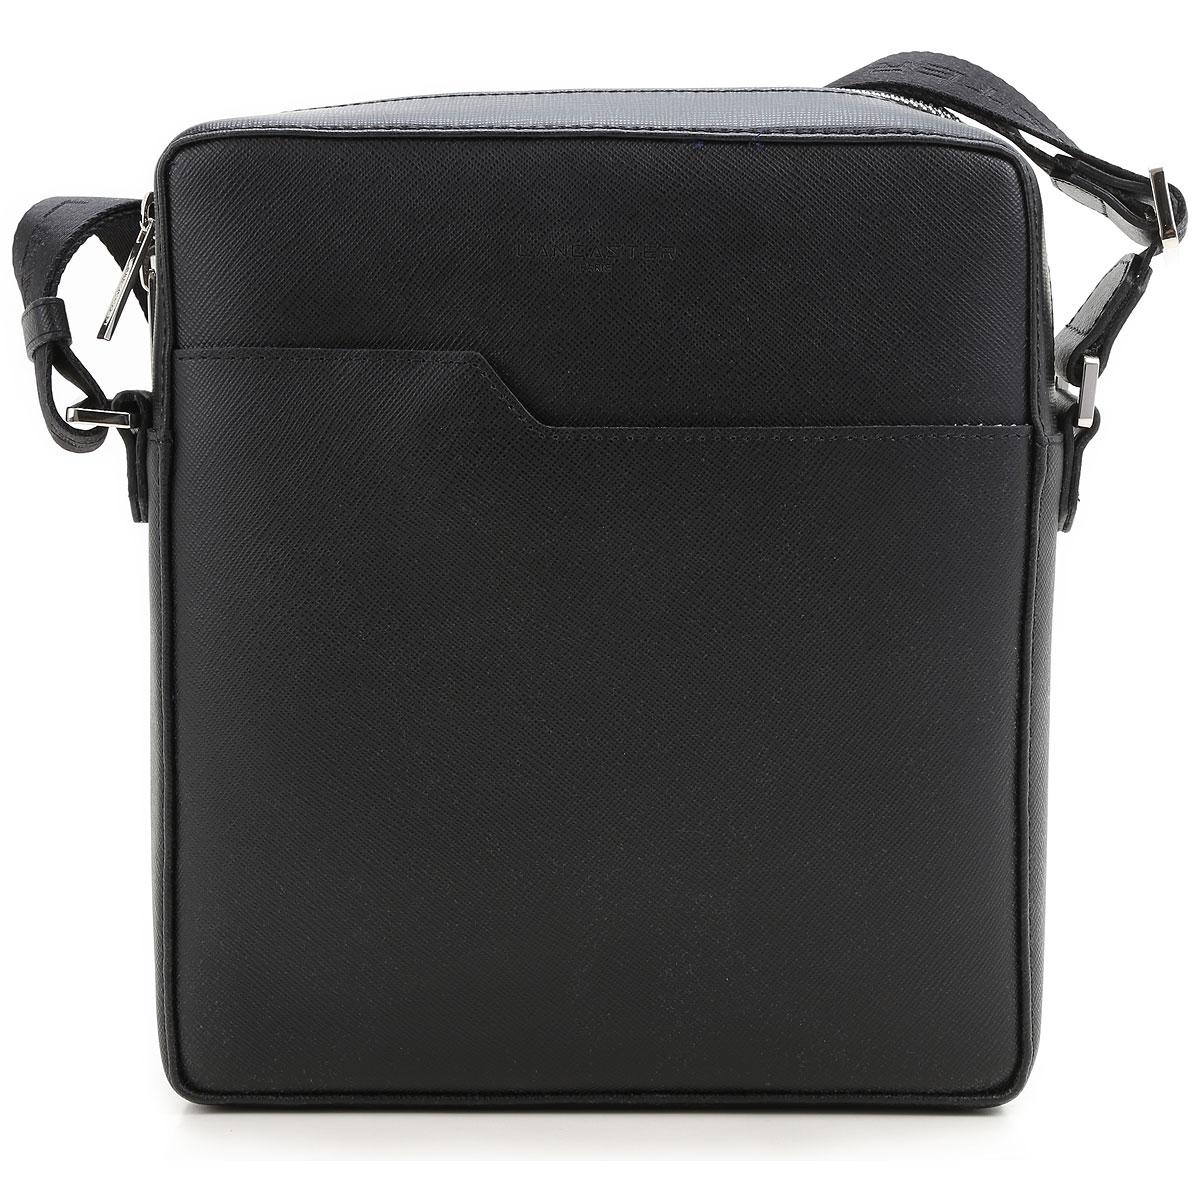 Image of Lancaster Messenger Bag for Men, Black, Leather, 2017